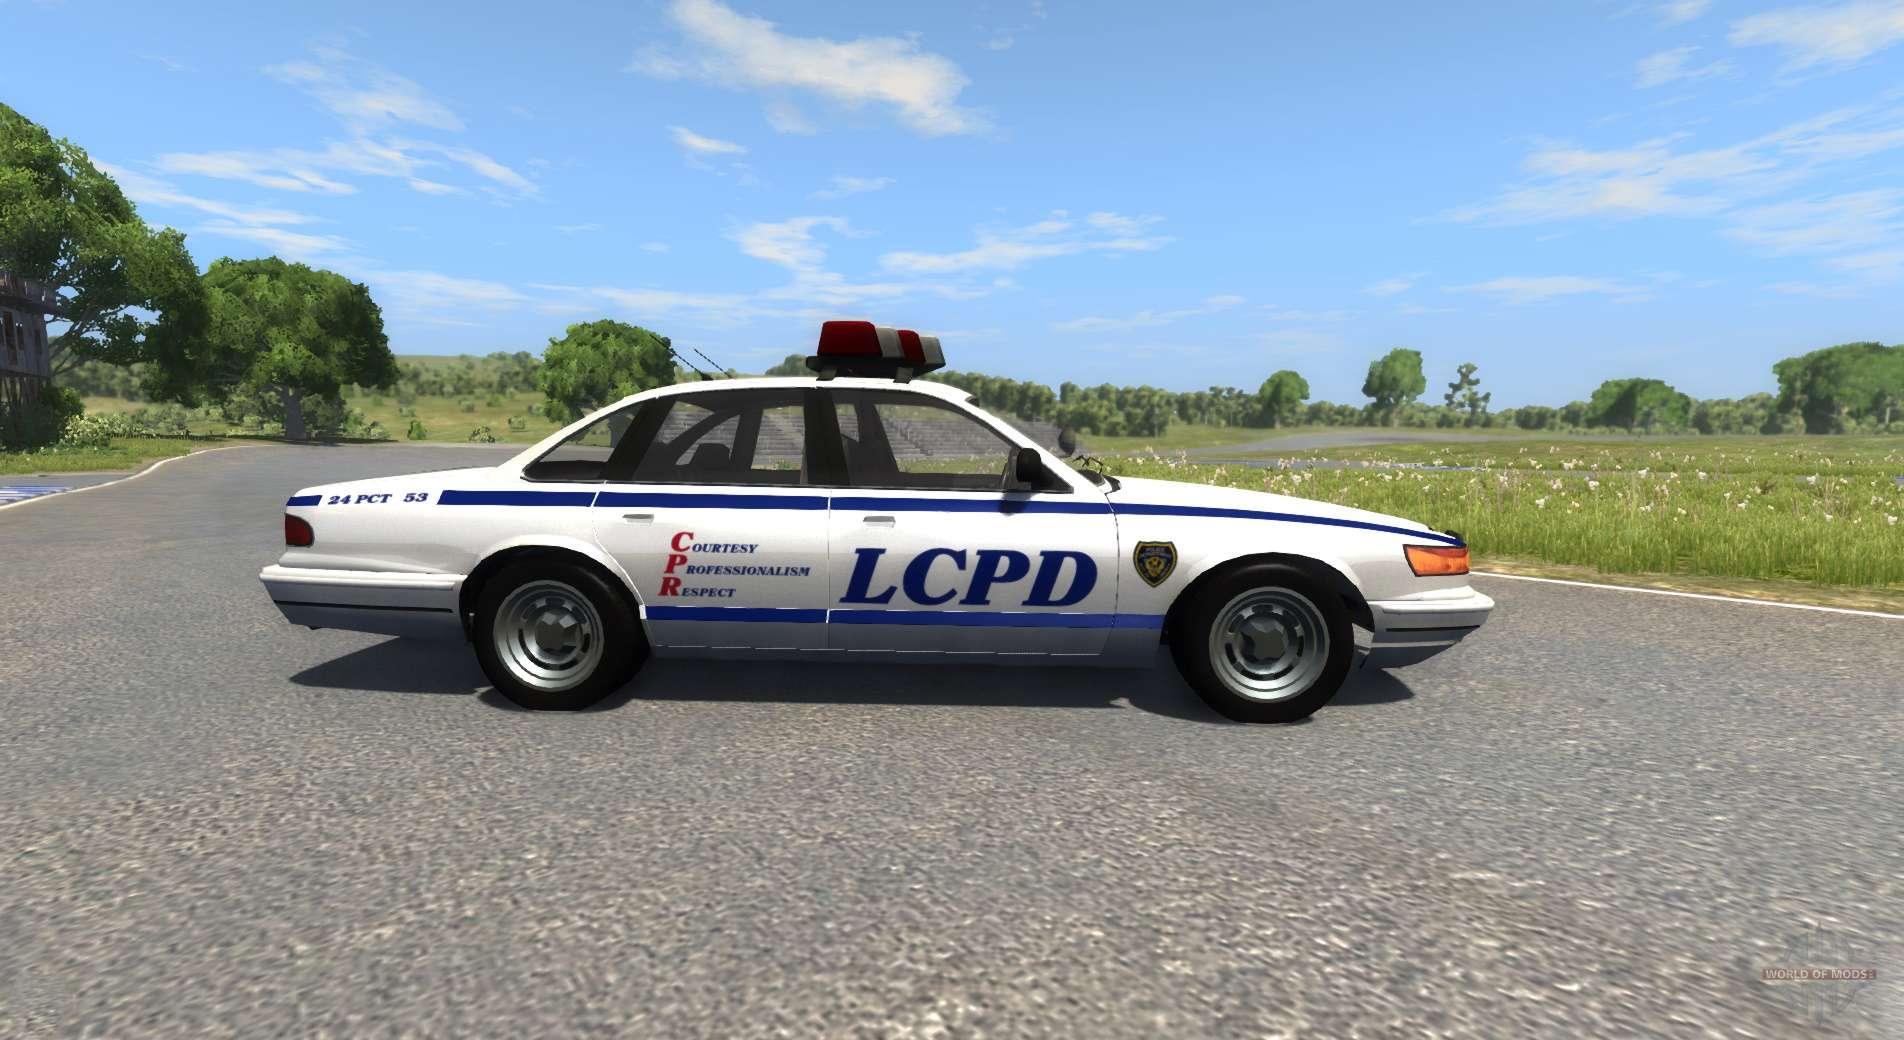 Beamng Drive Police Car Mod